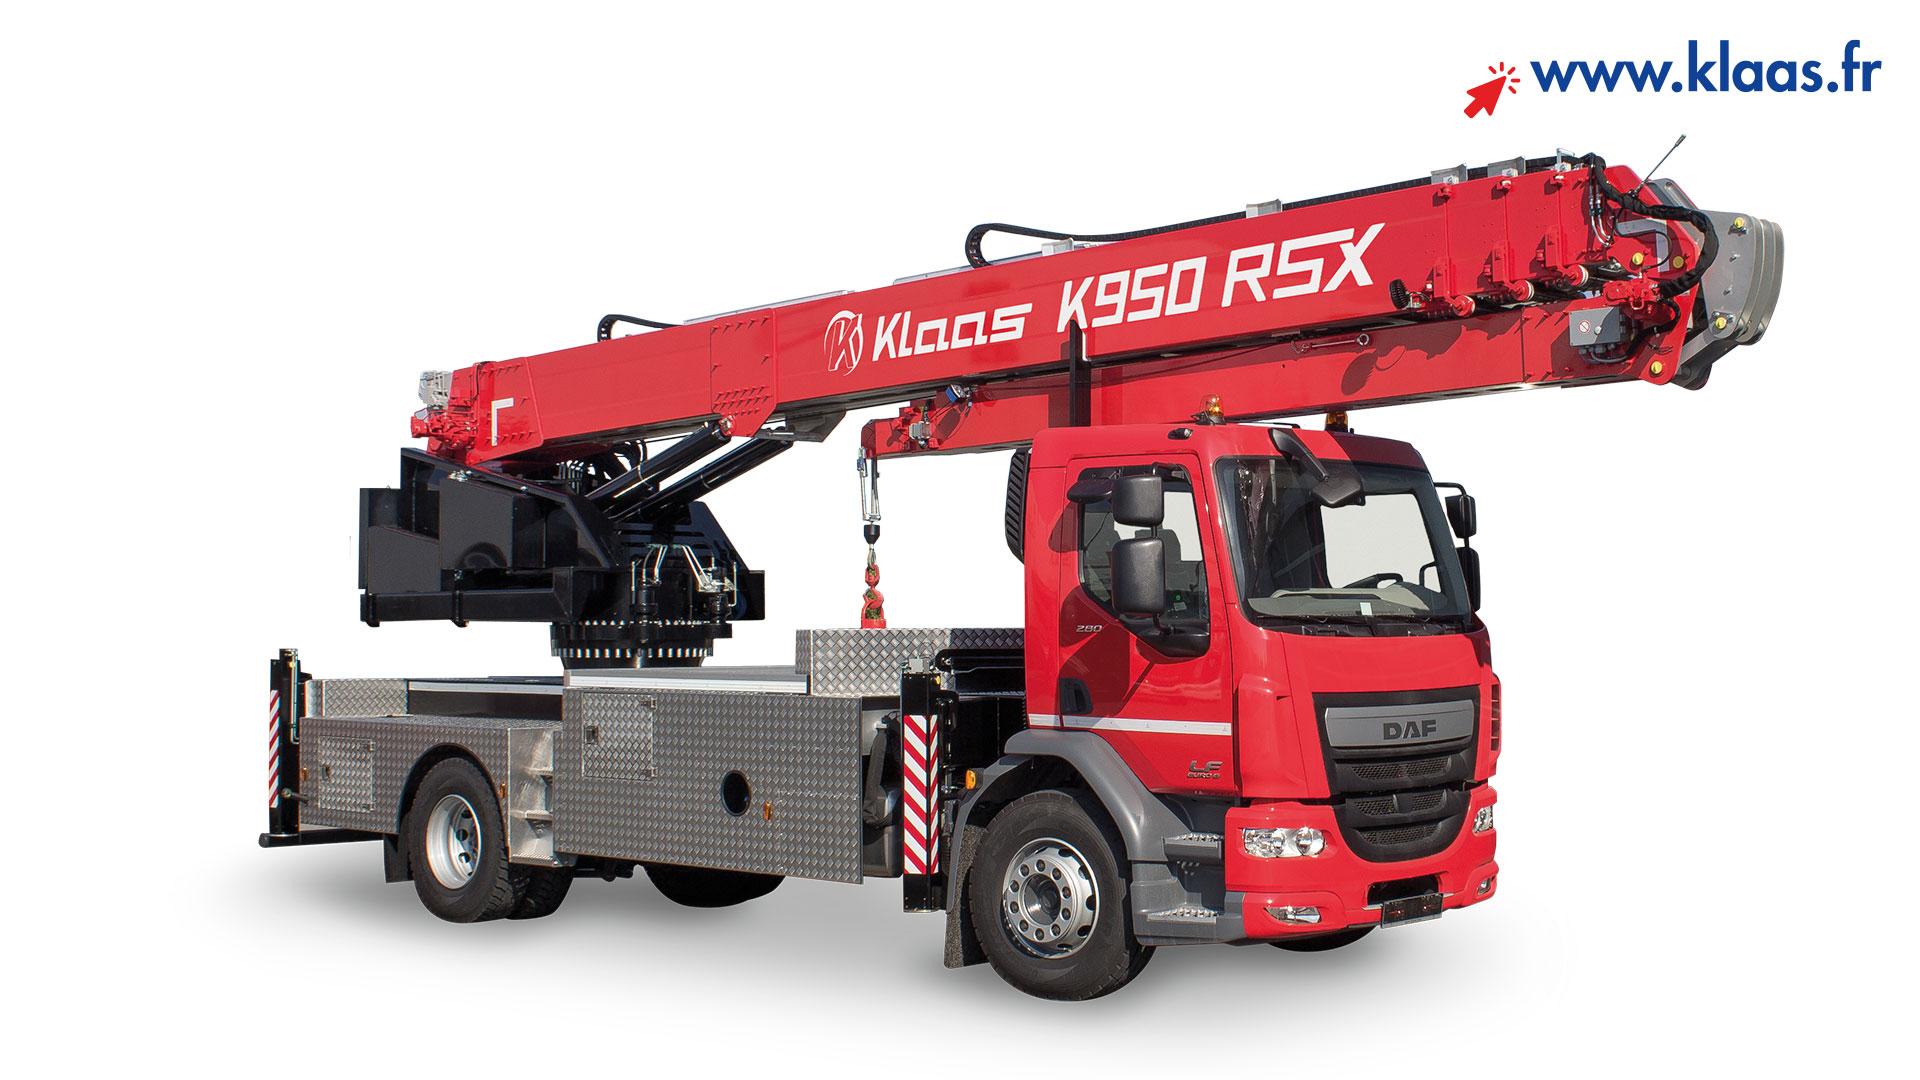 location grue mobile sur camion k950